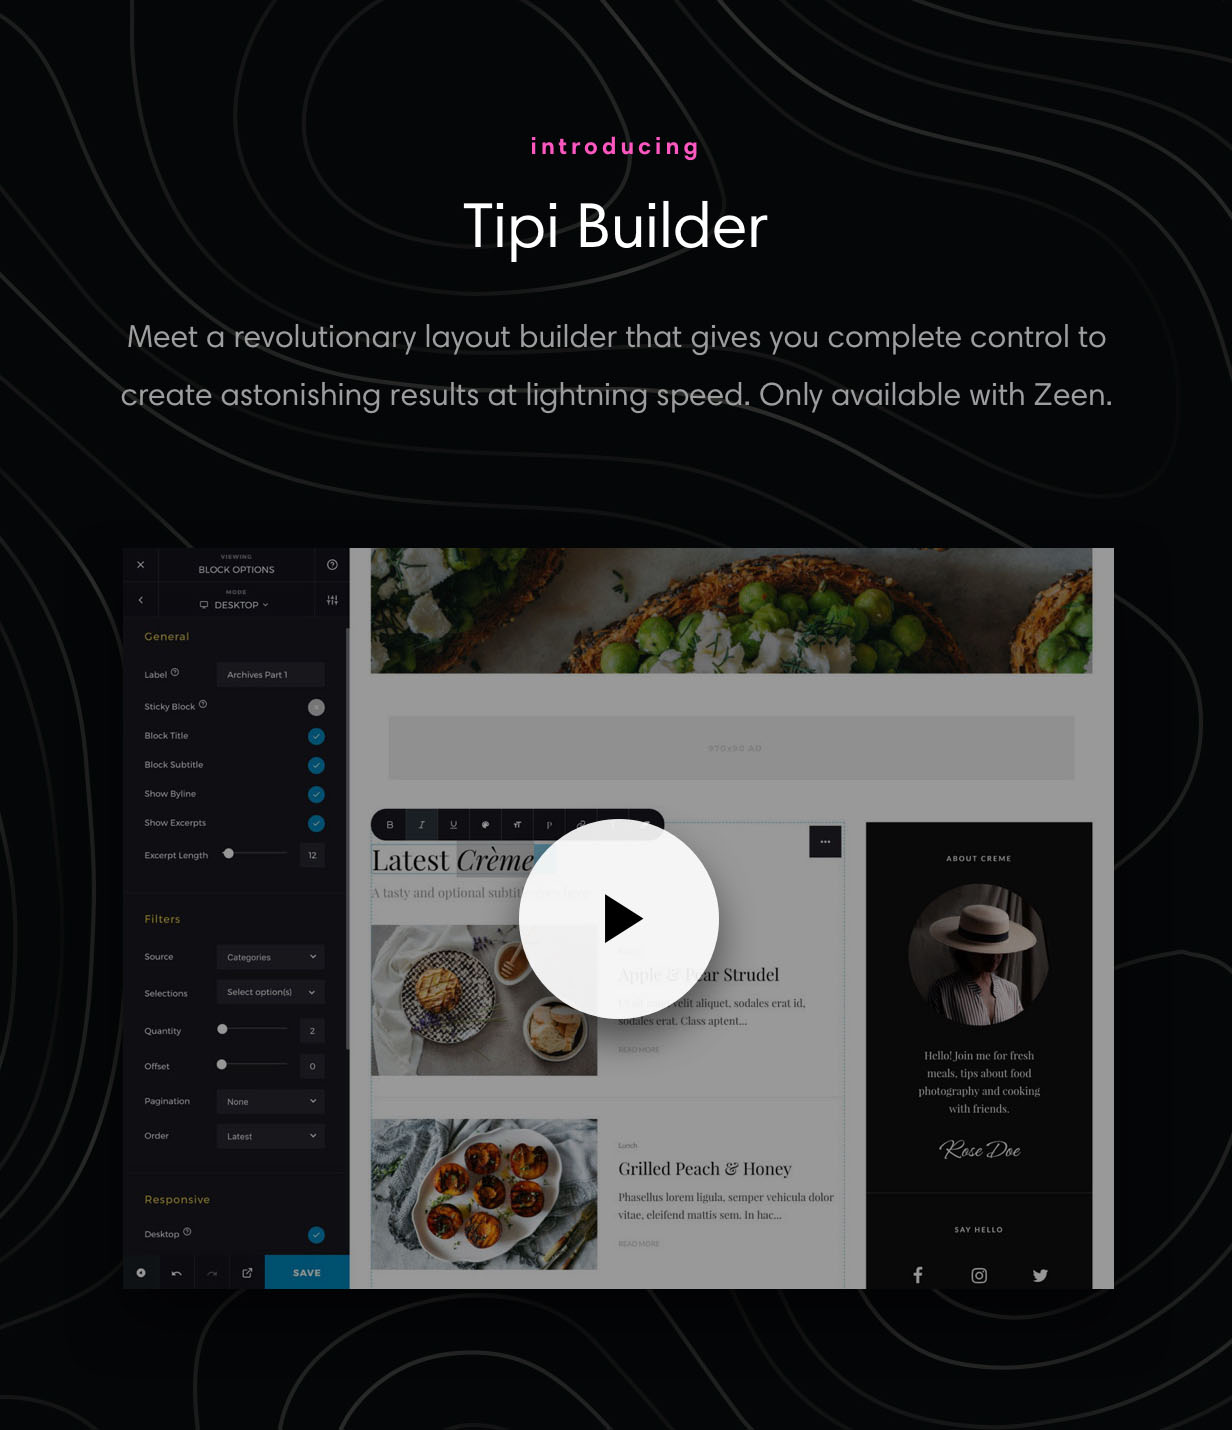 zeen-meet-tipi-builder.jpg